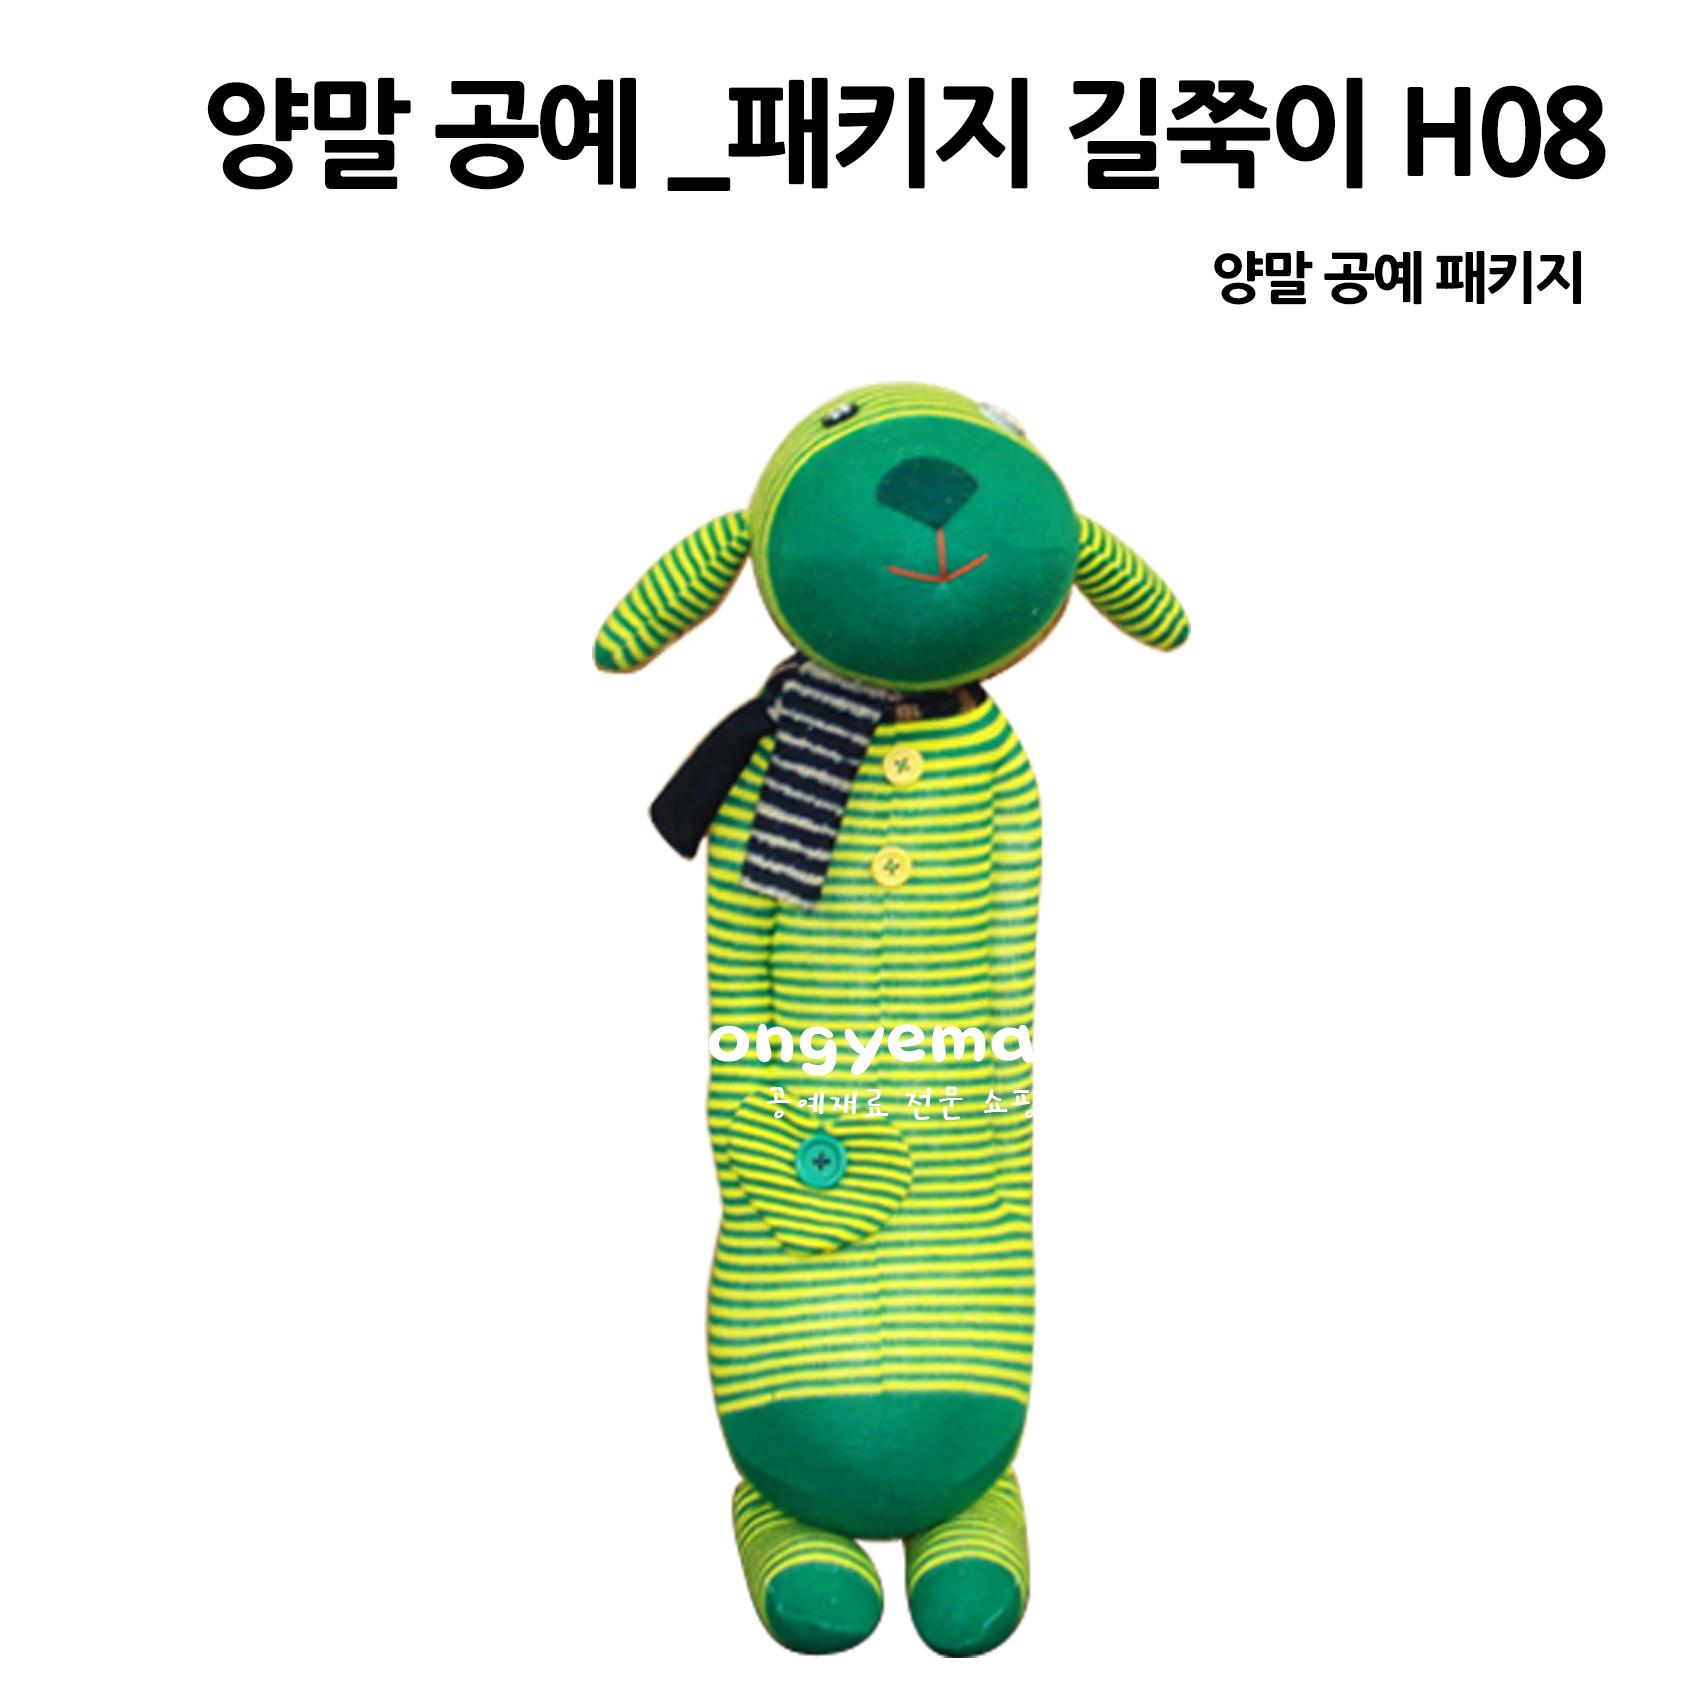 [양말공예]양말 DIY 패키지 길쭉이 H08